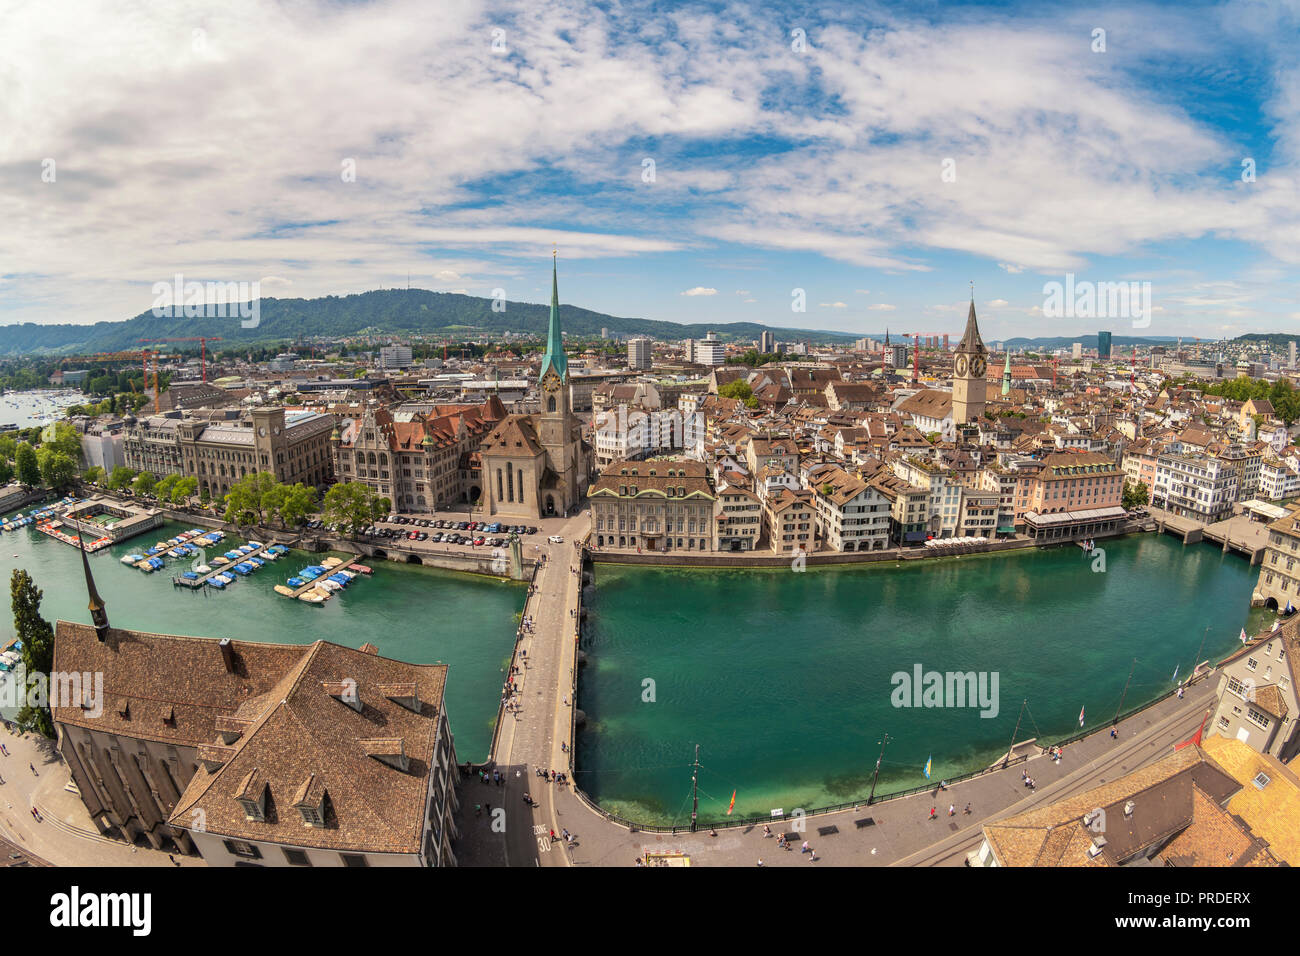 Zurich Switzerland, aerial view city skyline from Grossmunster - Stock Image